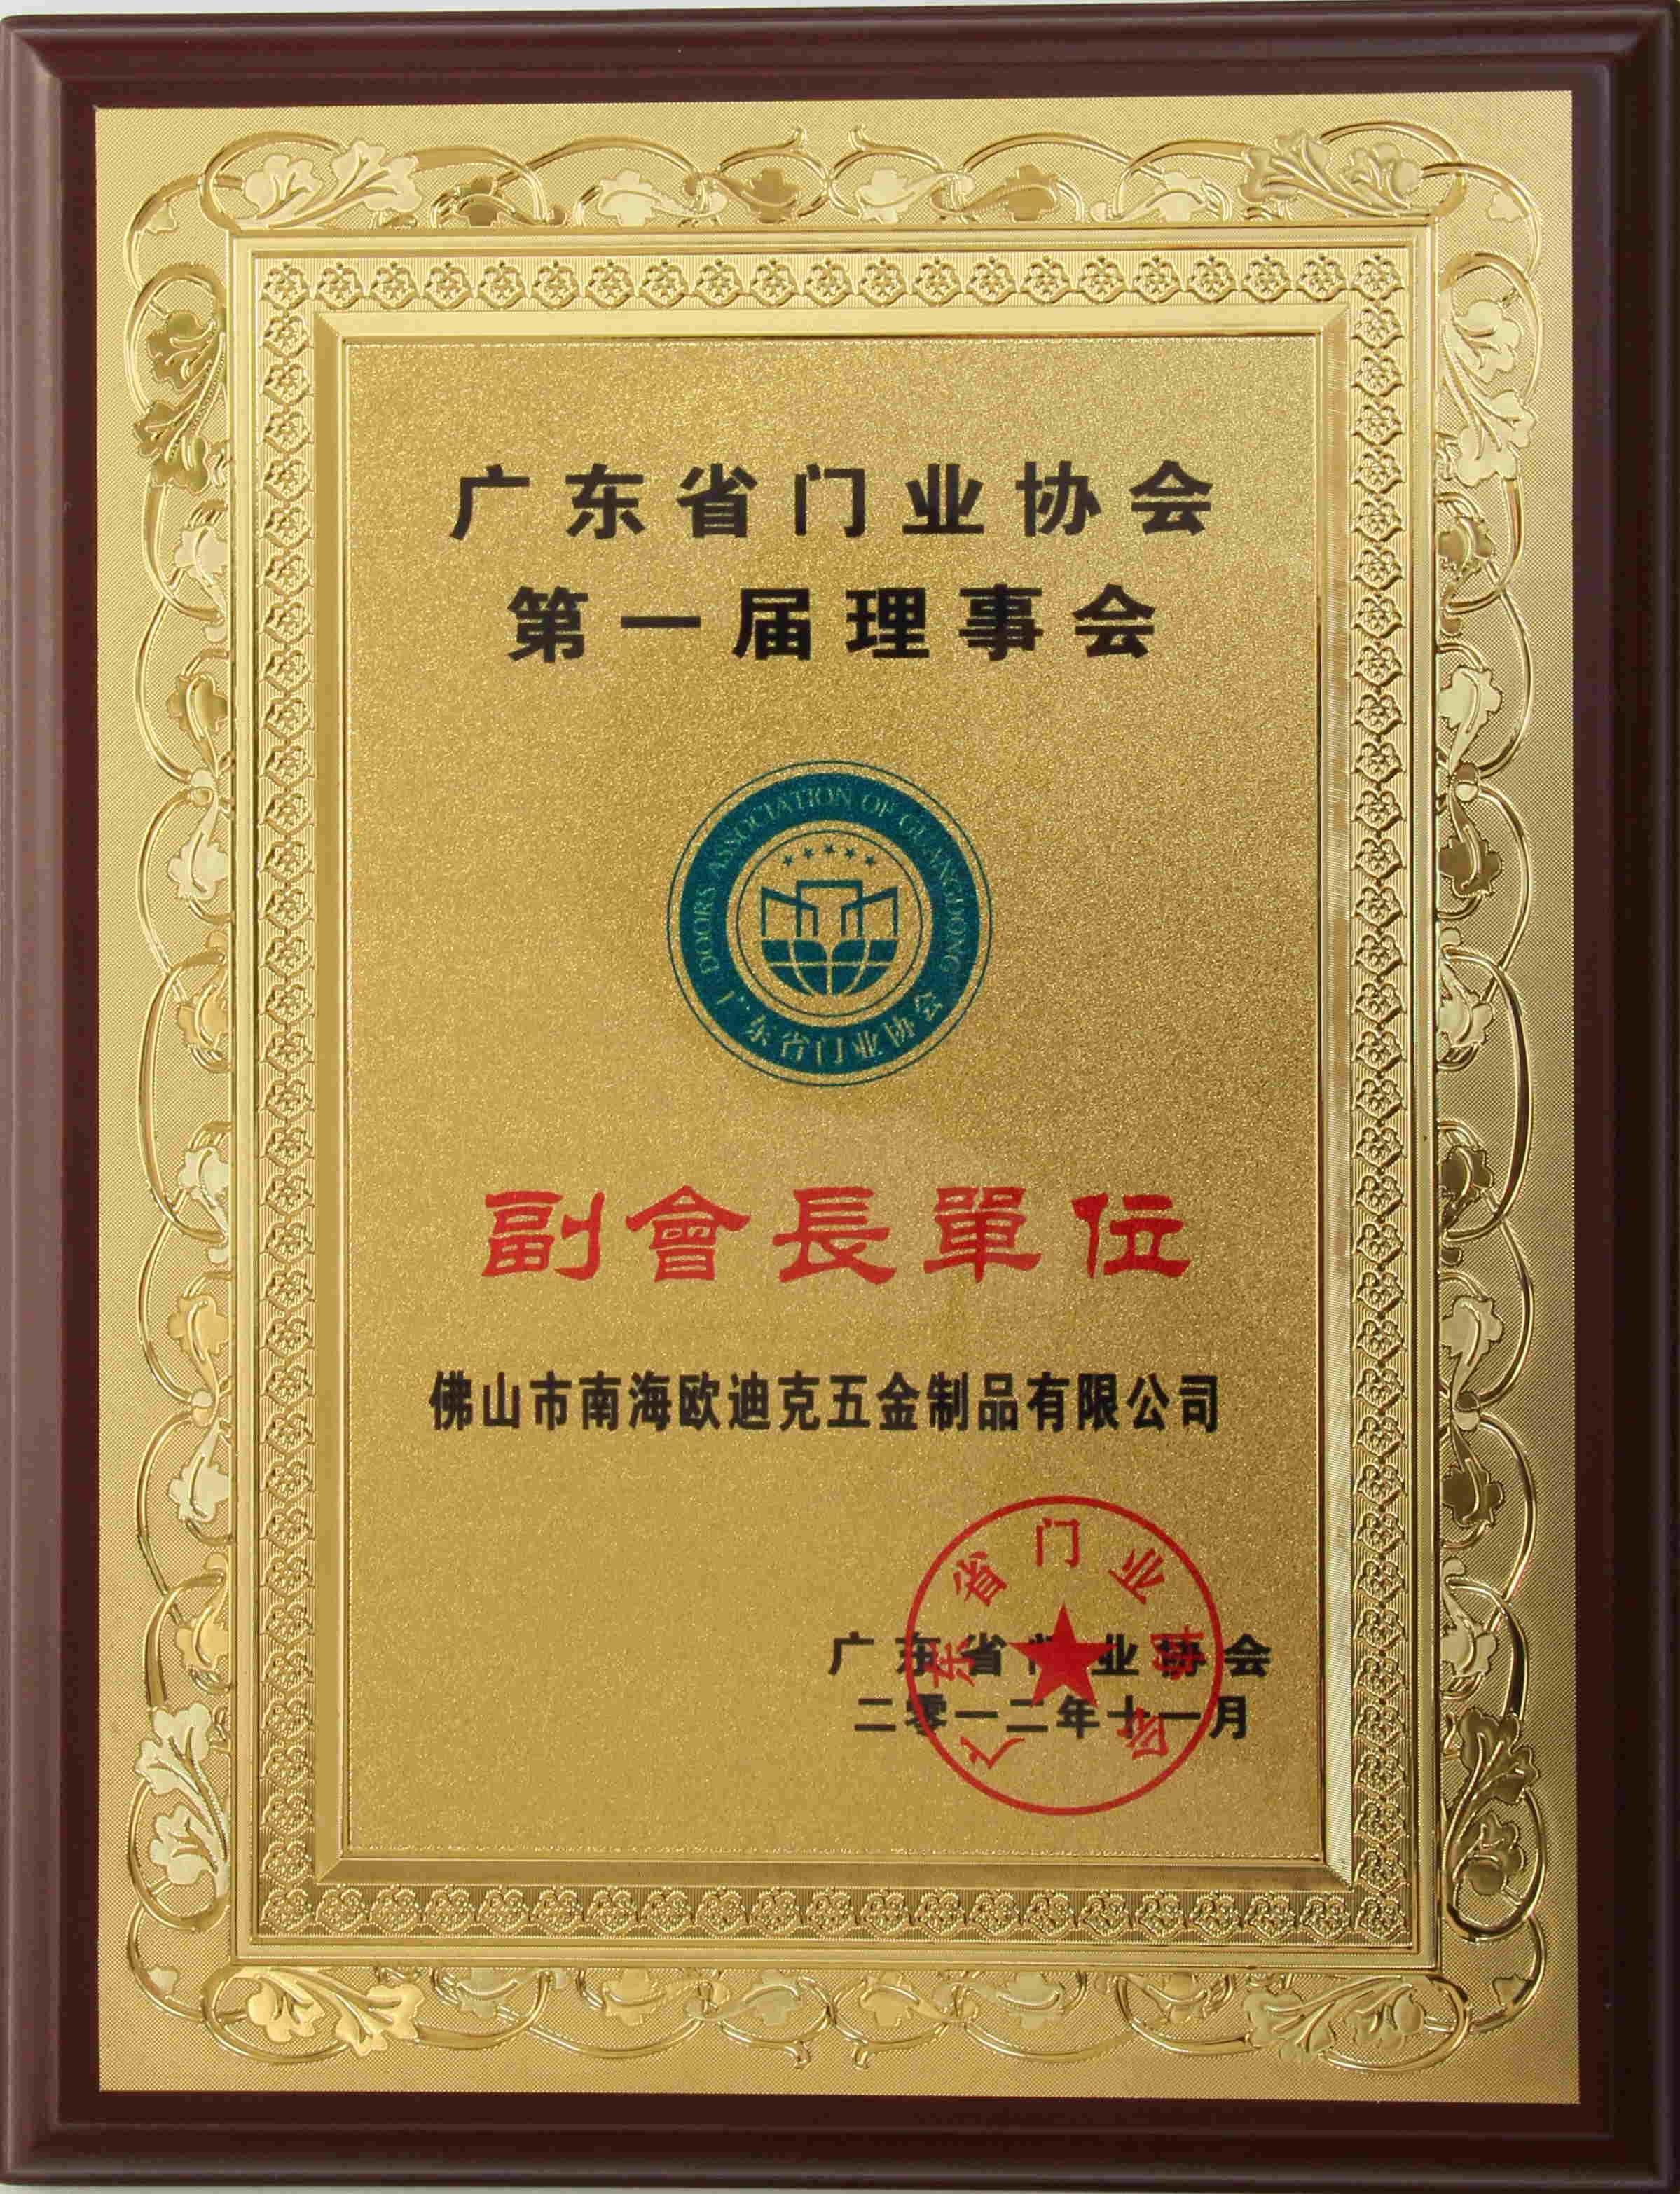 广东门业协会副会长单位